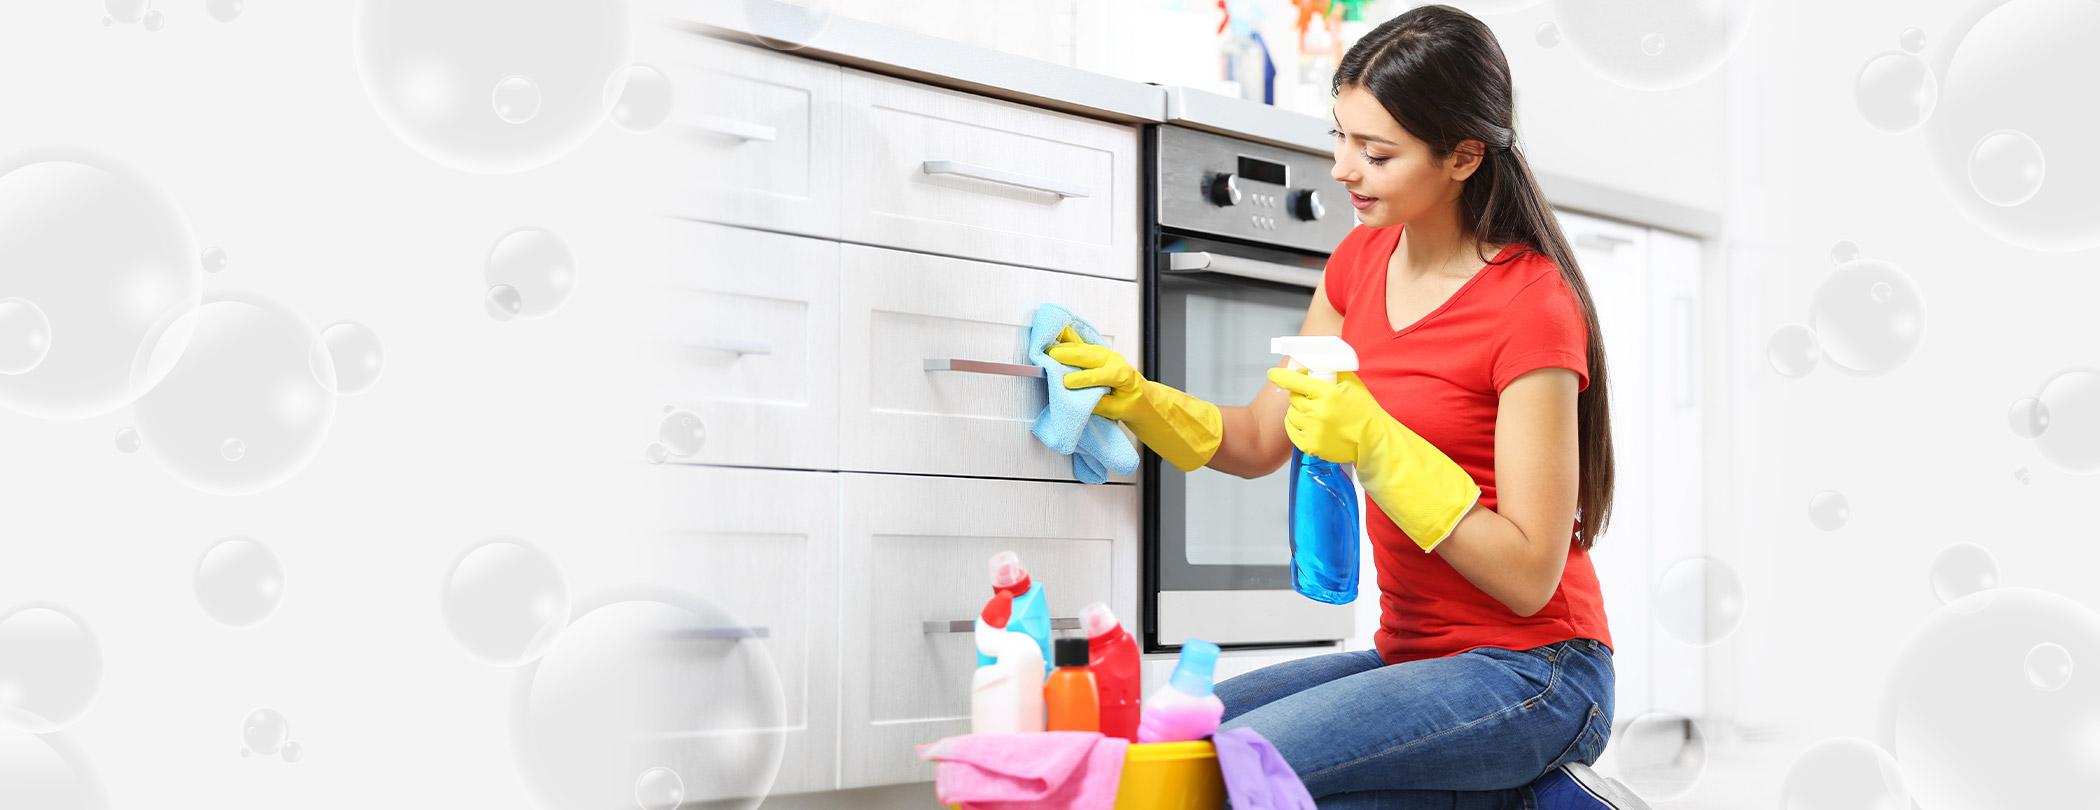 Evde hijyen benden sorulur diyorsan bu konu etiketi tam sana göre! Ev eşyalarım uzun ömürlü olsun, temizlik konusunda içim rahat olsun diyorsan ev bakım ve hijyen tüyolarını burada bulabilirsin!